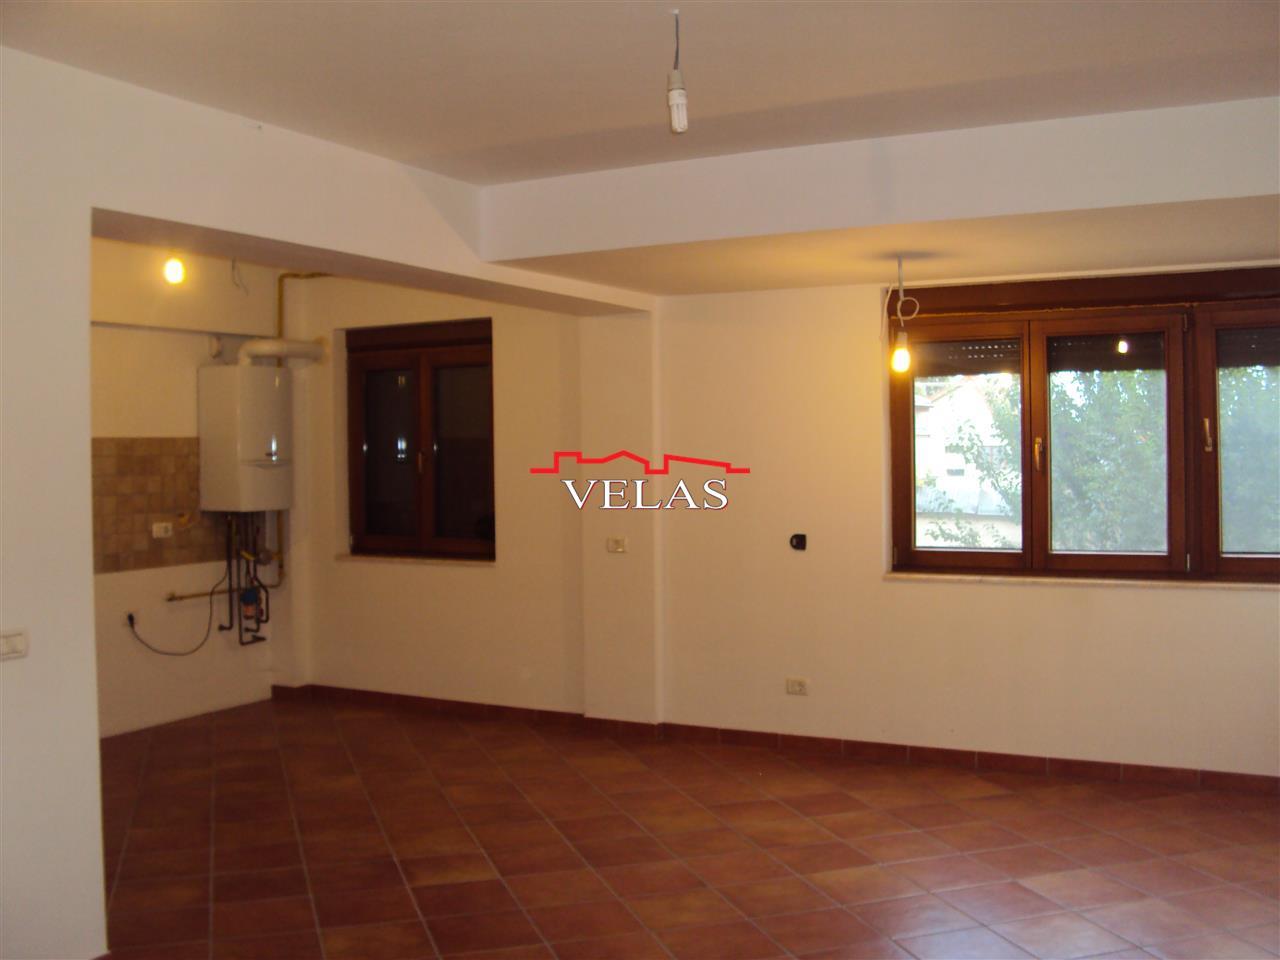 Apartament 3 camere, et. 1, Ct, renovat, str. Cuza Voda